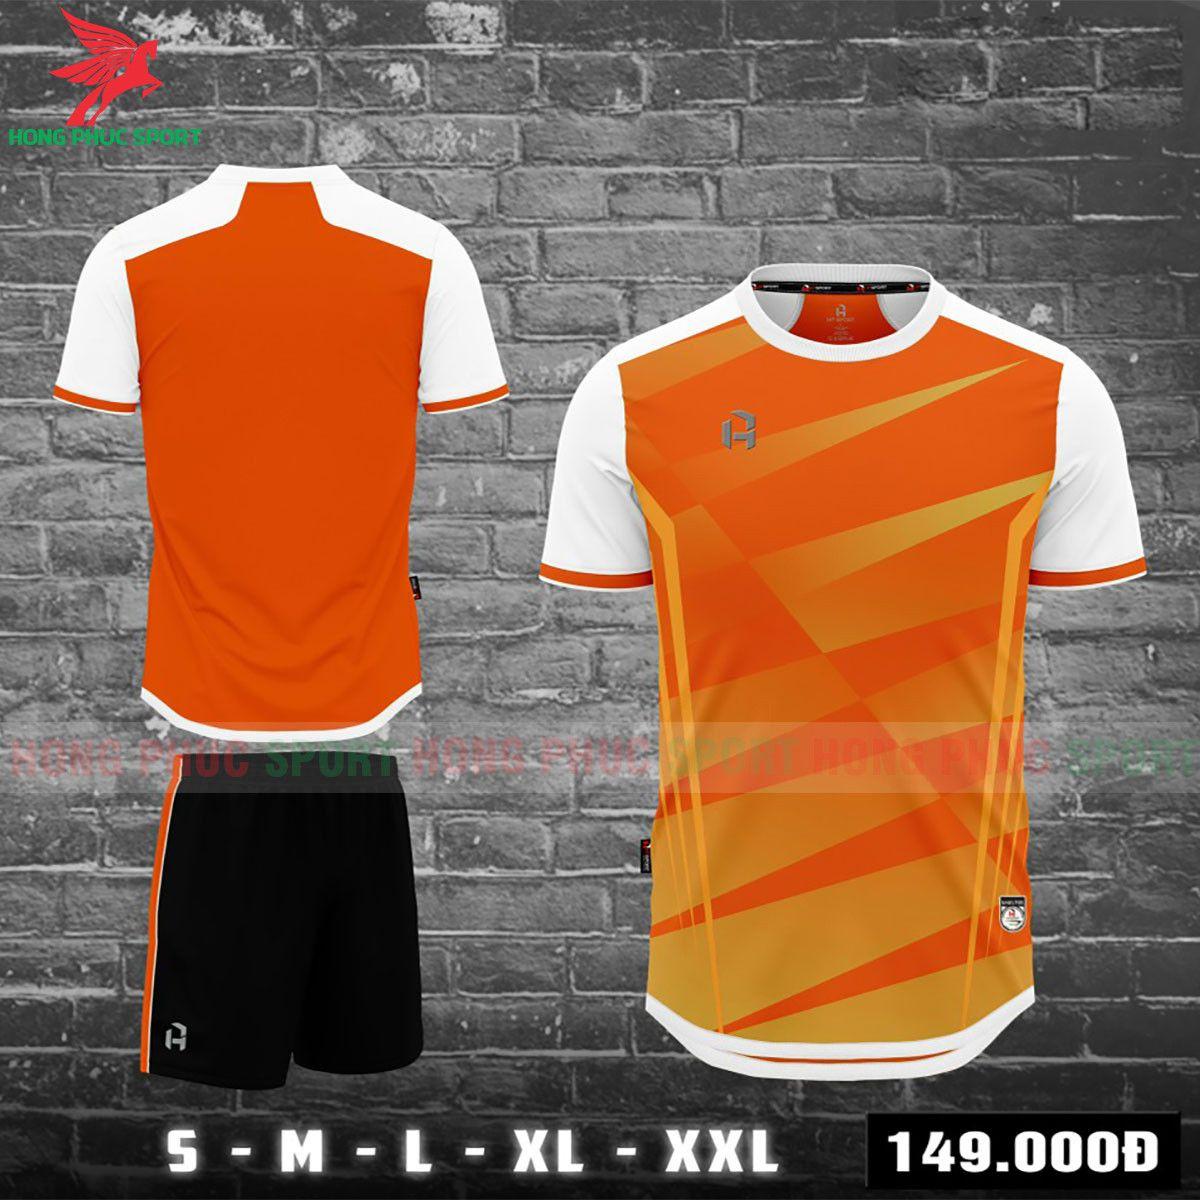 https://cdn.hongphucsport.com/unsafe/s4.shopbay.vn/files/285/ao-bong-da-khong-logo-hp-sport-2021-bebotux-cam-60f530ee60cac.jpg